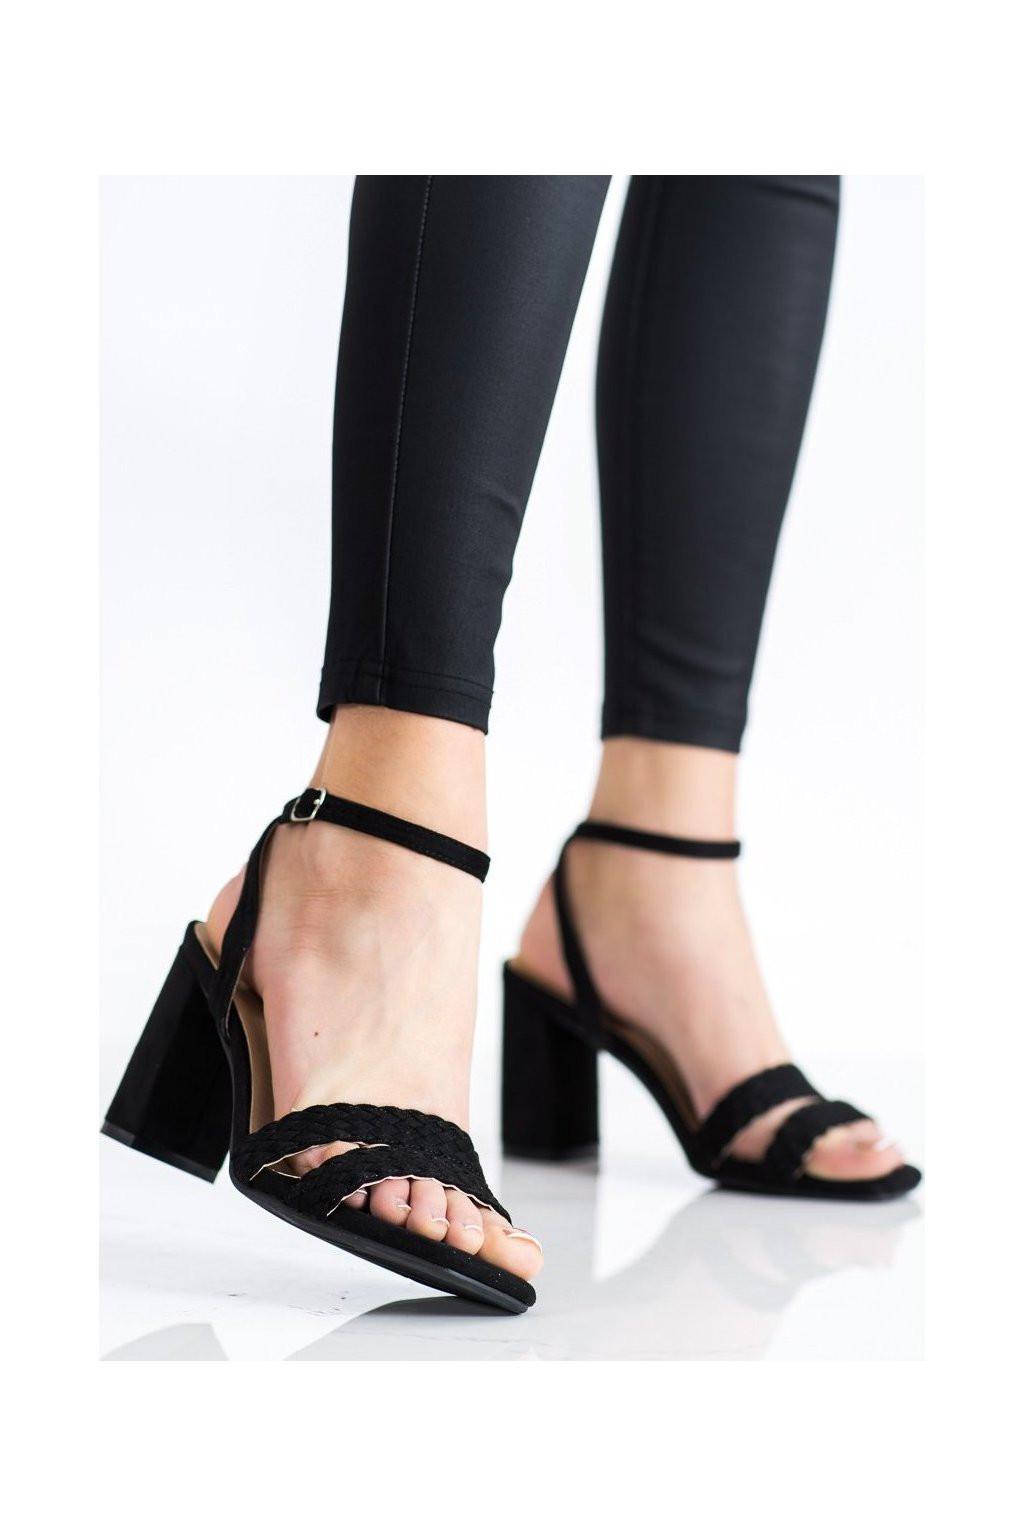 Dámske semišové sandále na širokom podpätku K2012501NE - Kylie crazy Čierna 39